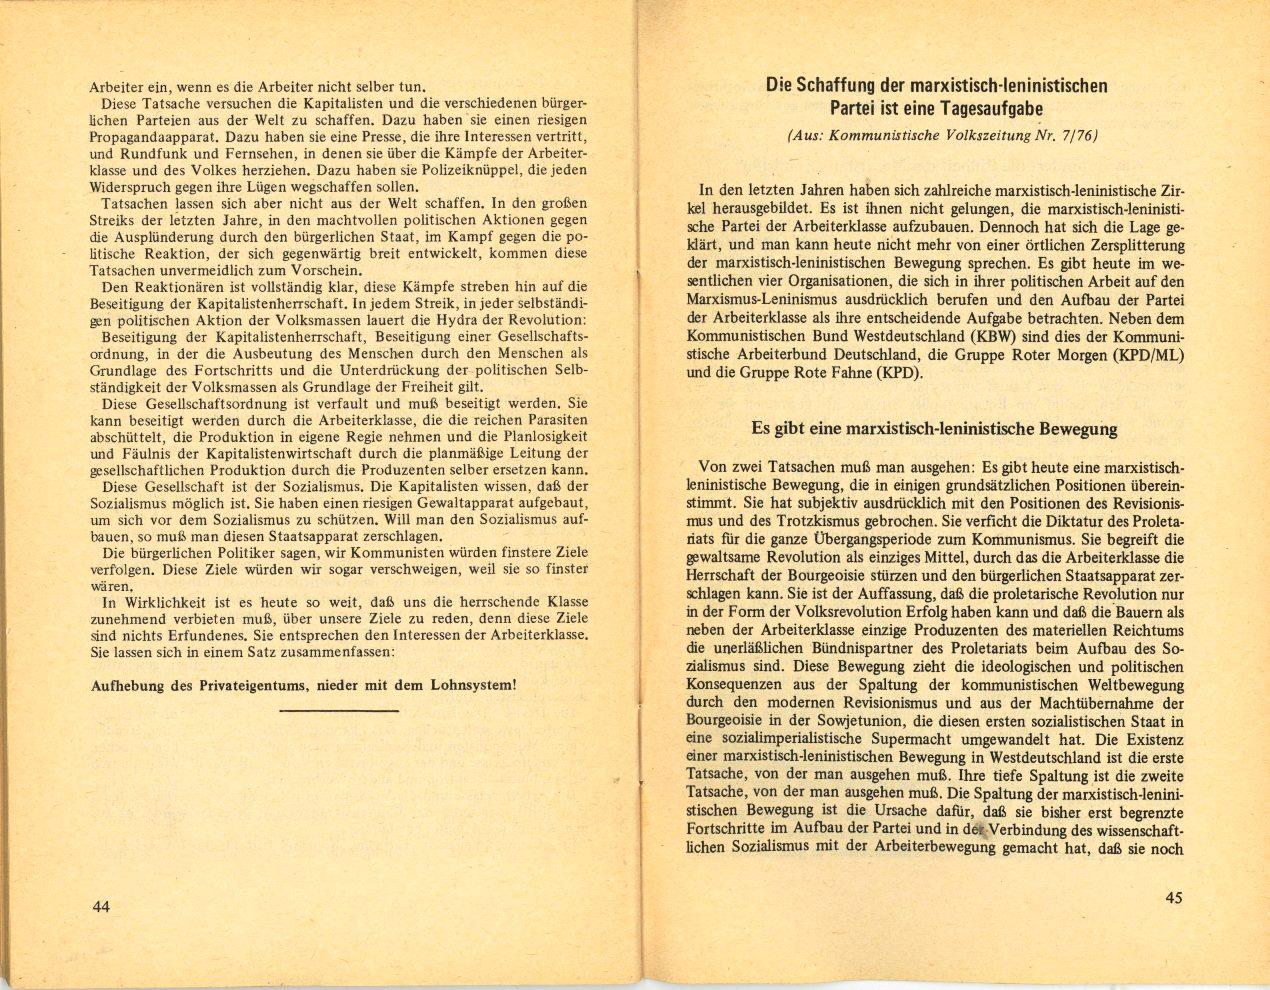 KBW_Materialien_zur_Auseinandersetzung_in_der_mlB_1976_24